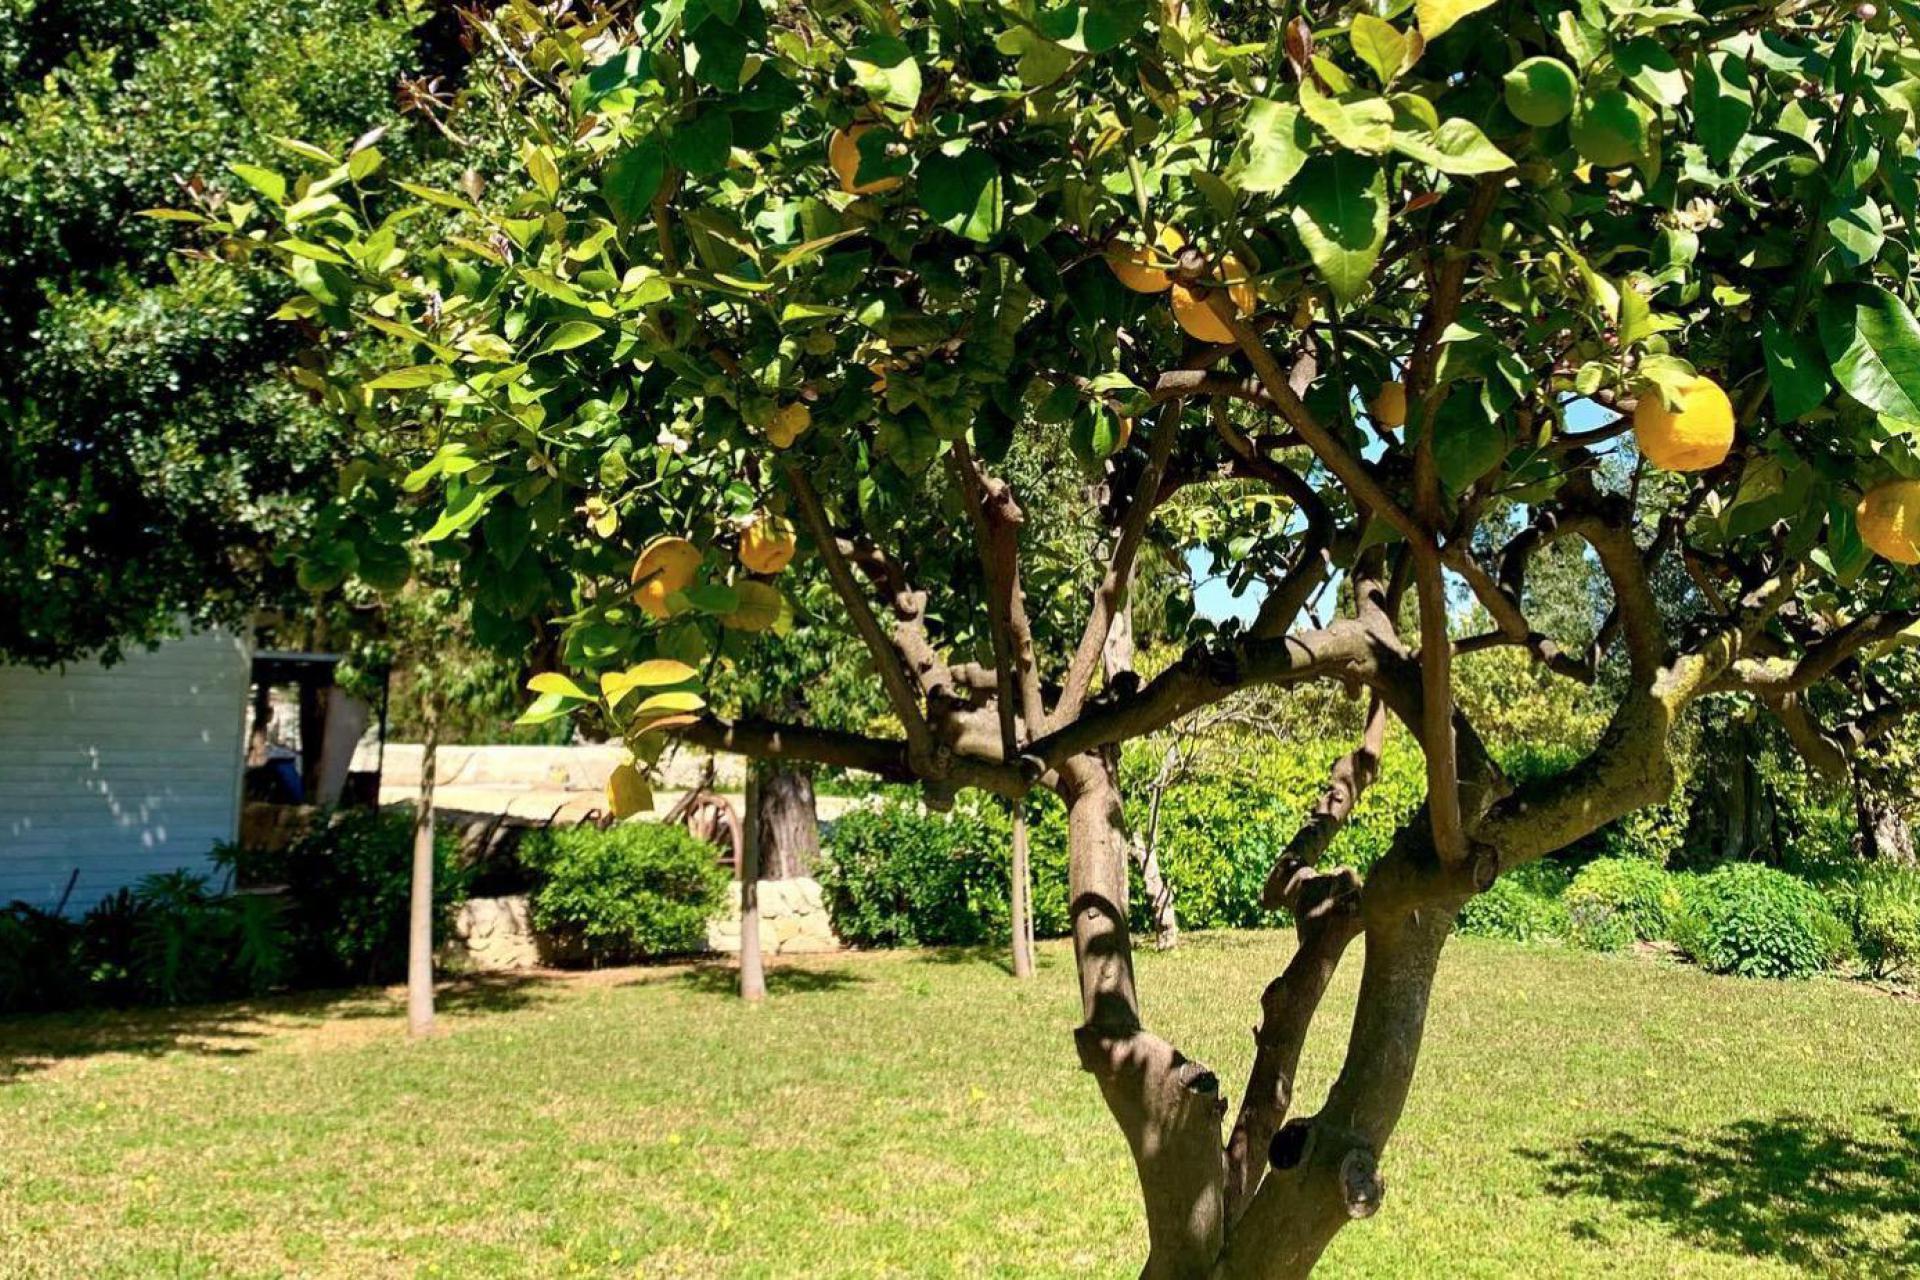 Agriturismo Sicily Sicilian citrus agriturismo near the beach